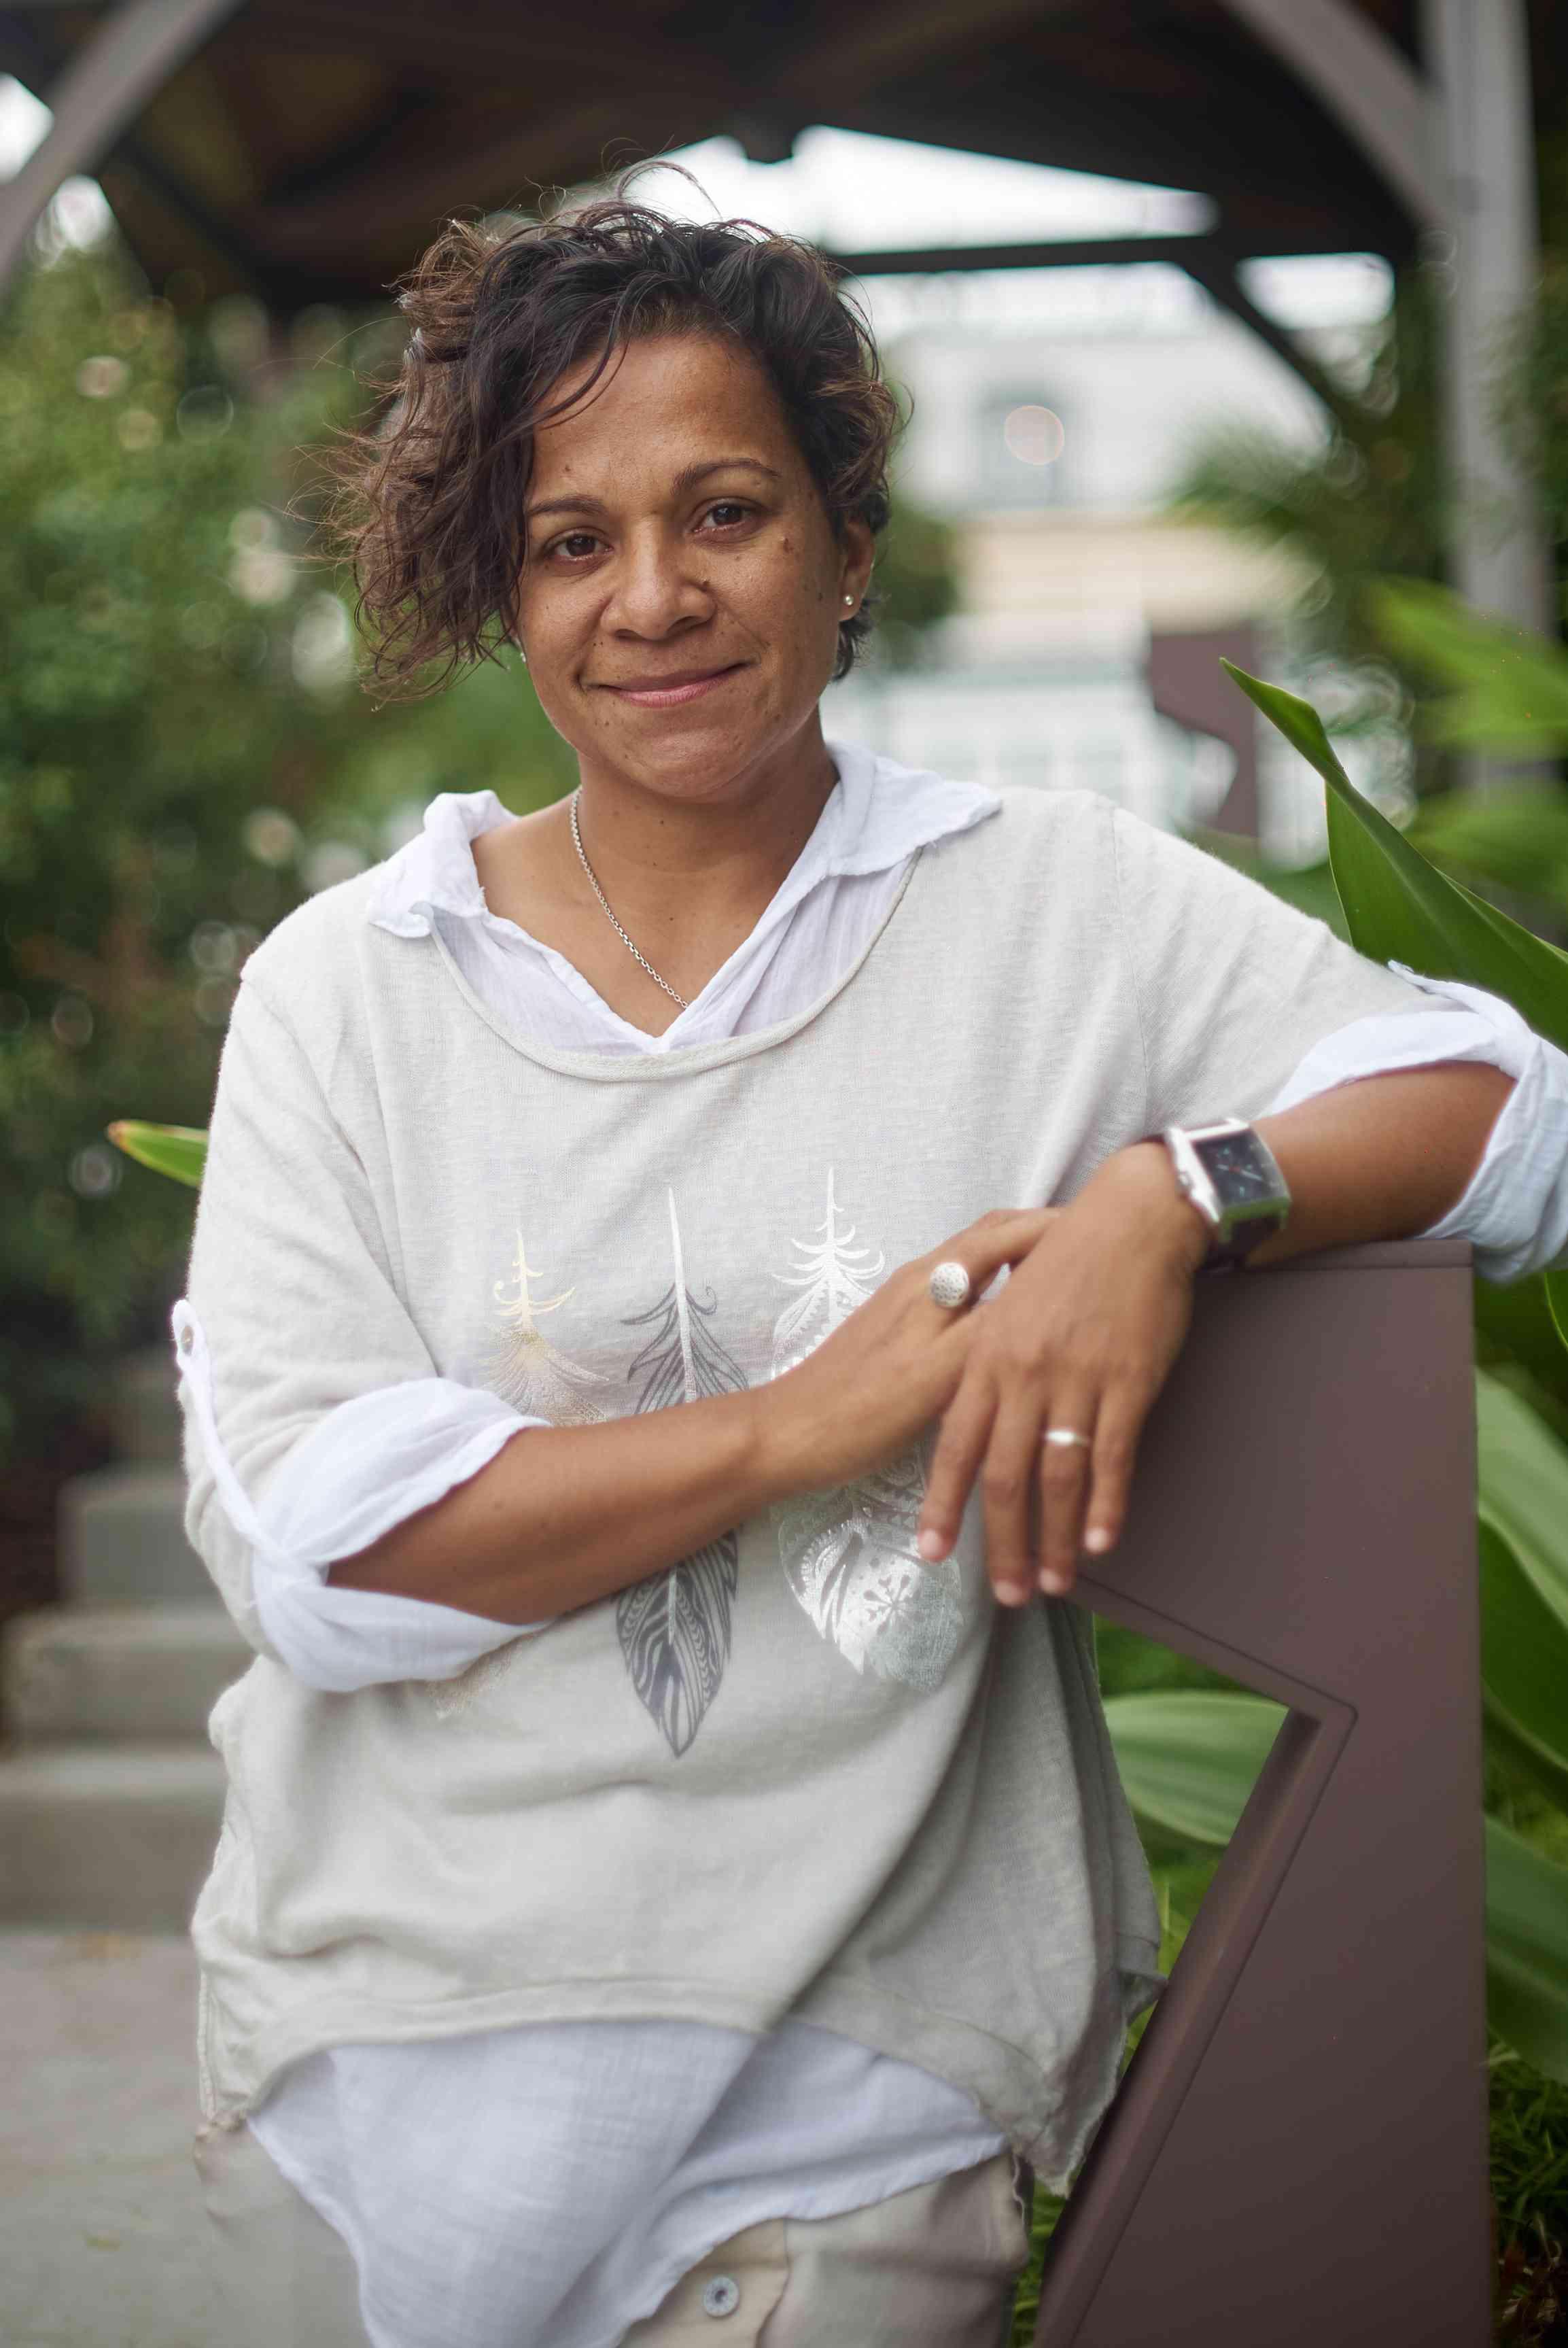 Pascale Gery   Pascale est née en Nouvelle-Calédonie, d'un père européen et d'une mère mélanésienne. Dès l'adolescence, elle se sent portée par l'univers onirique, des esprits invisibles et de sa culture kanak. Elle les traduit graphiquement, avec poésie et humour, par des personnages sympathiques, avec des lignes simples pour le regard et des messages complices pour accrocher l'esprit. Elle en a fait une ligne de design : Umameks, dont la philosophe est « l'Art et l'Humanité ne font qu'Un ».  A travers sa formation de designer graphic, elle utilise plusieurs médiums tels que le plastique, le tissu, le papier, le carton, le bois et ouvre sa pratique vers les matériaux du design tel que l'impression 3D, les leds, la céramique. Elle aborde différents domaines : le packaging, le design d'espace, le design sonore ou le design culinaire.  Elle est également sensible à la recherche scientifique, au design écologique, l'intelligence artificielle, le design craft, le street art, les arts de la scène, ainsi que la vidéo, la typographie ou encore la calligraphie.  Très active sur les réseaux sociaux, elle écrit sur umameksblog.com, partage sa créativité, son regard, ses messages en faisant de son mieux pour capter ce qui la passionne, l'interpelle, la sensibilise, l'élève.